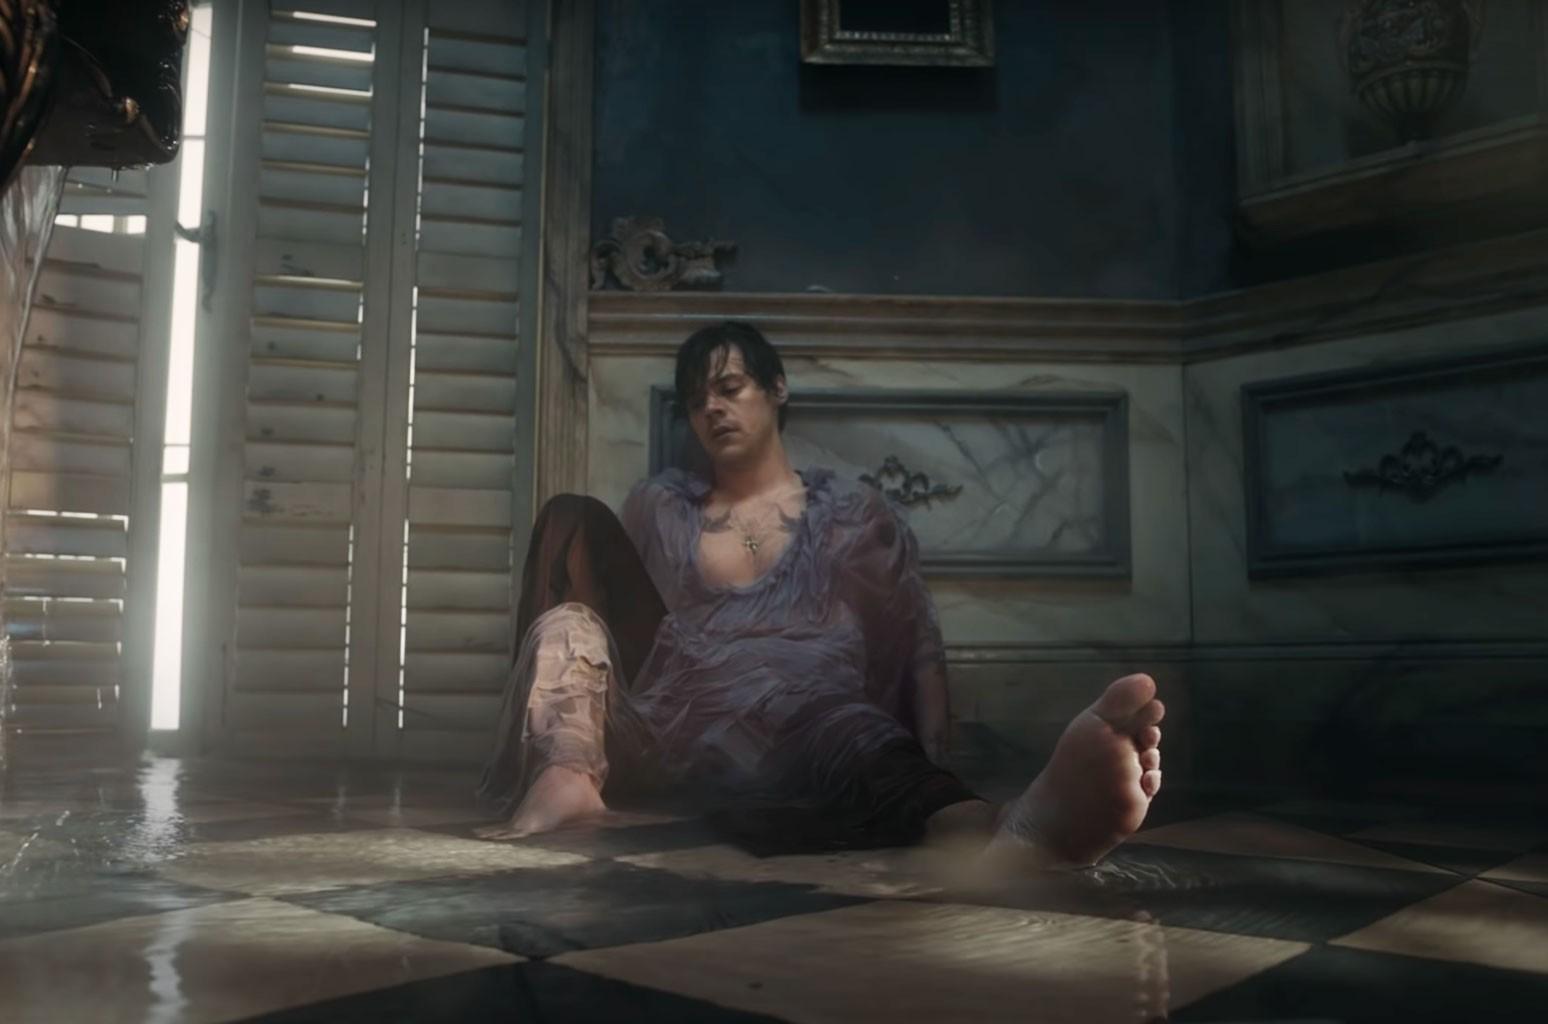 Видео Гарри Стайлса «Falling», «Mulan» и «Da 5 Bloods» в номинациях Гильдии арт-директоров